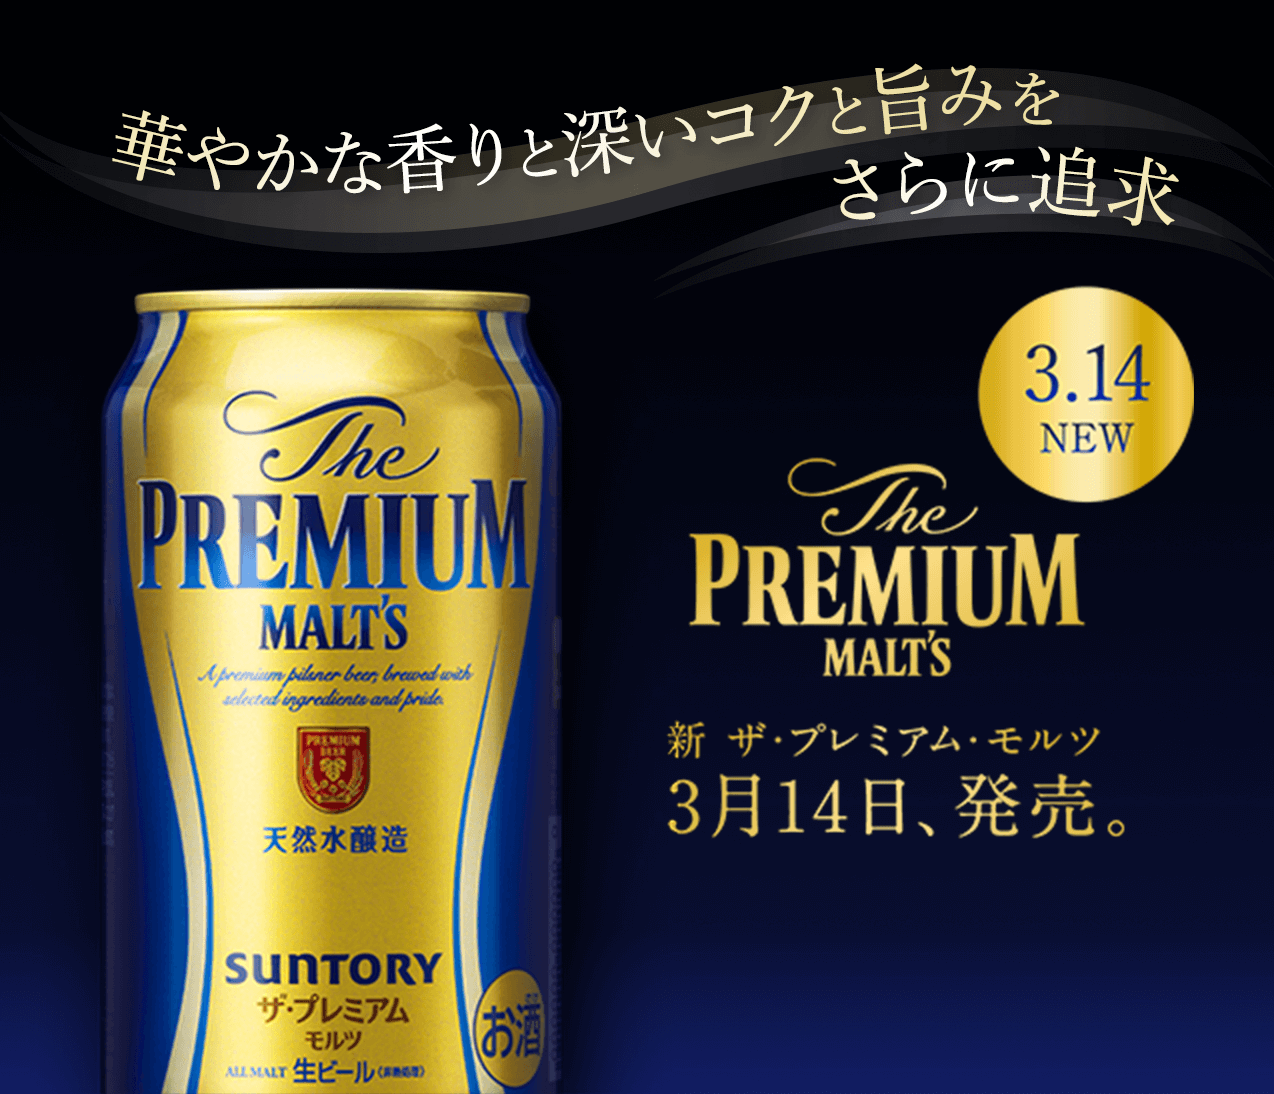 華やかな香りと深いコクと旨みをさらに追求 3.14NEW The PREMIUM MALT'S 新 ザ・プレミアム・モルツ 3月14日、発売。